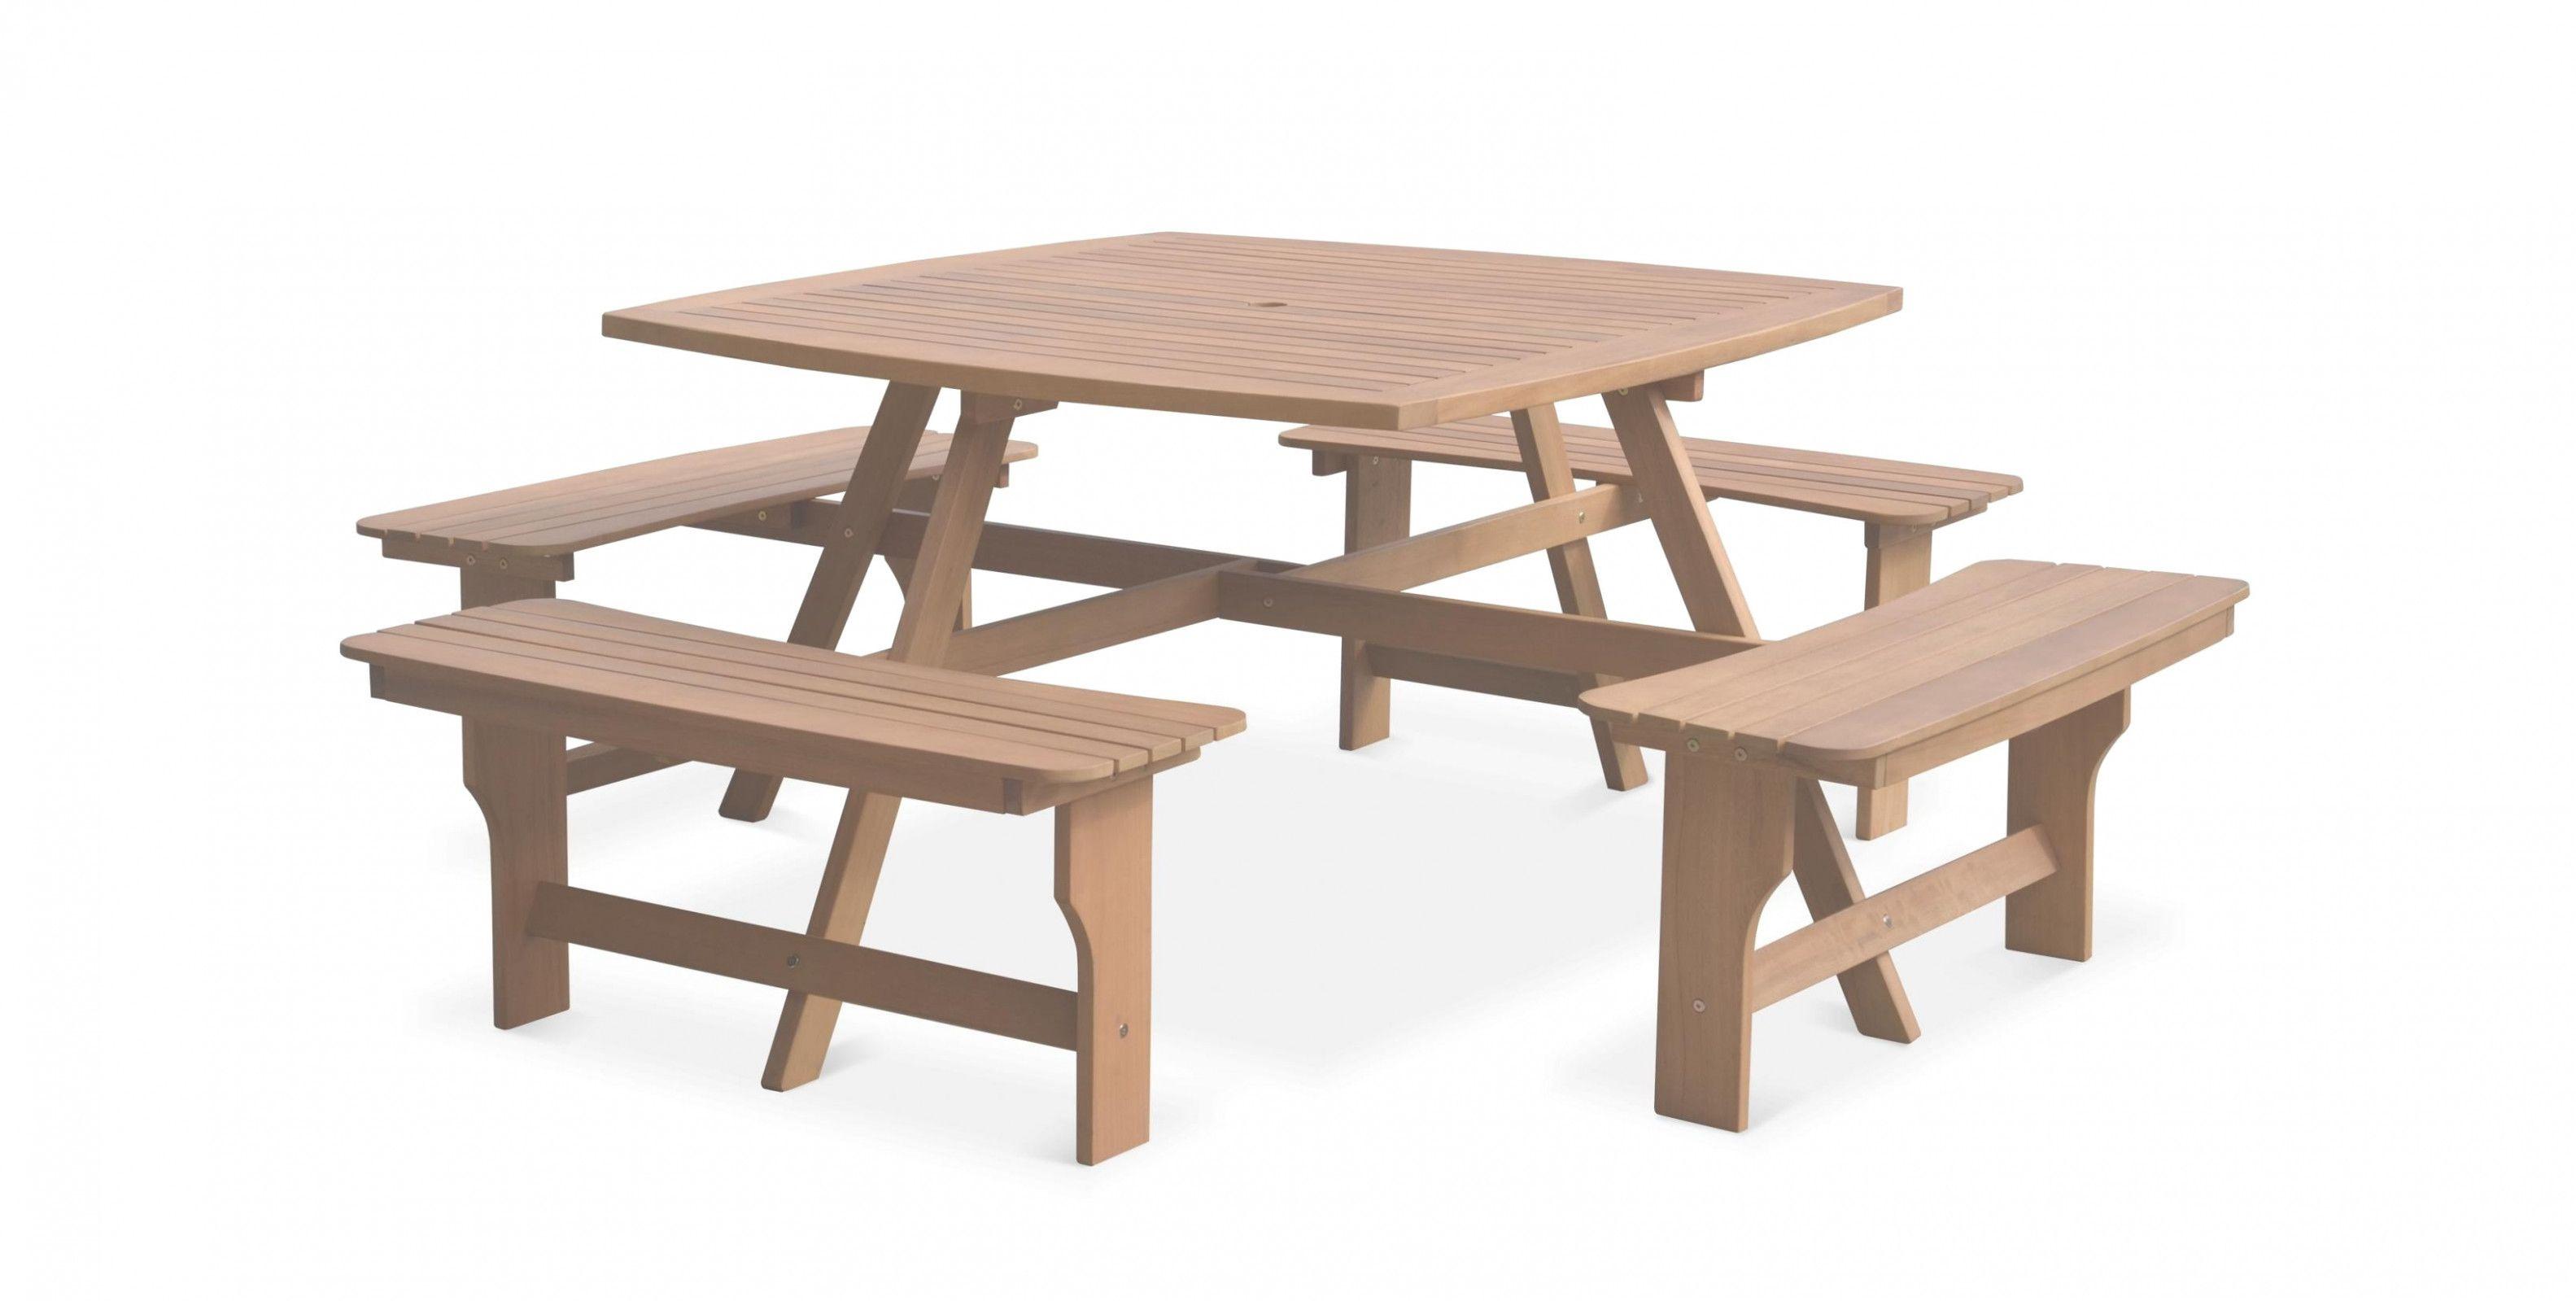 Salon De Jardin Hubo Ikea Table Table Home Decor